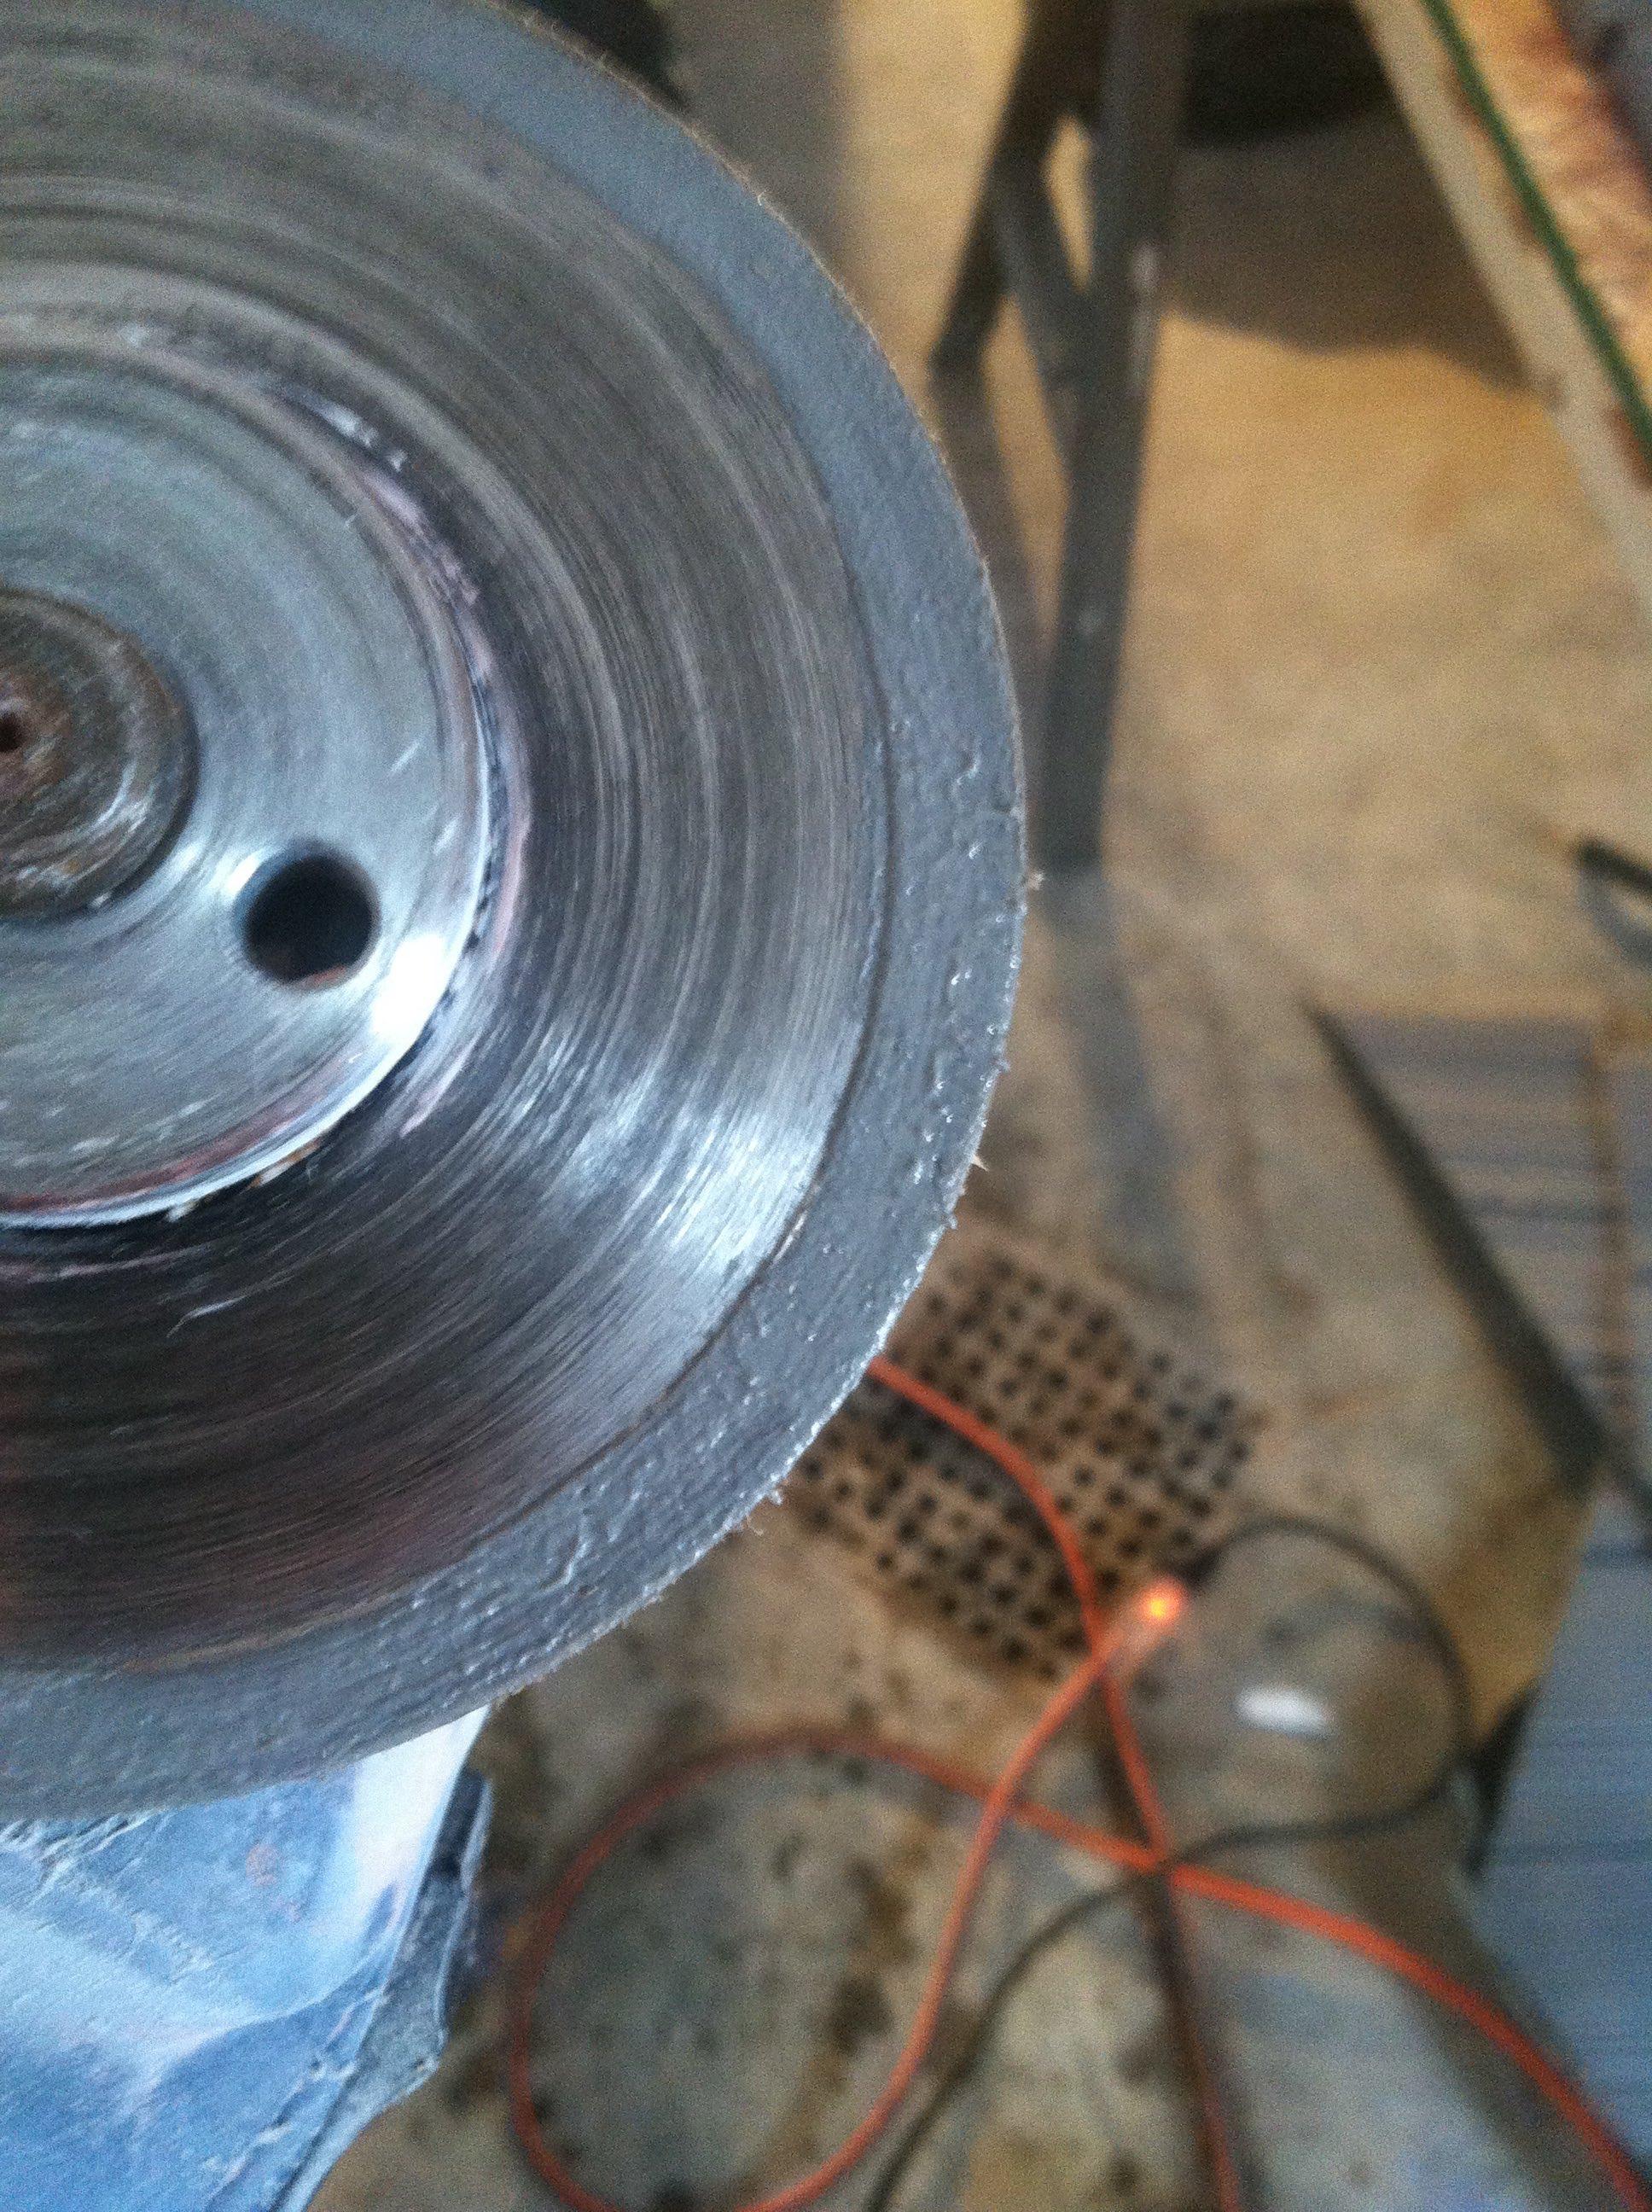 Grinder to cut vinyl-img_054.jpg